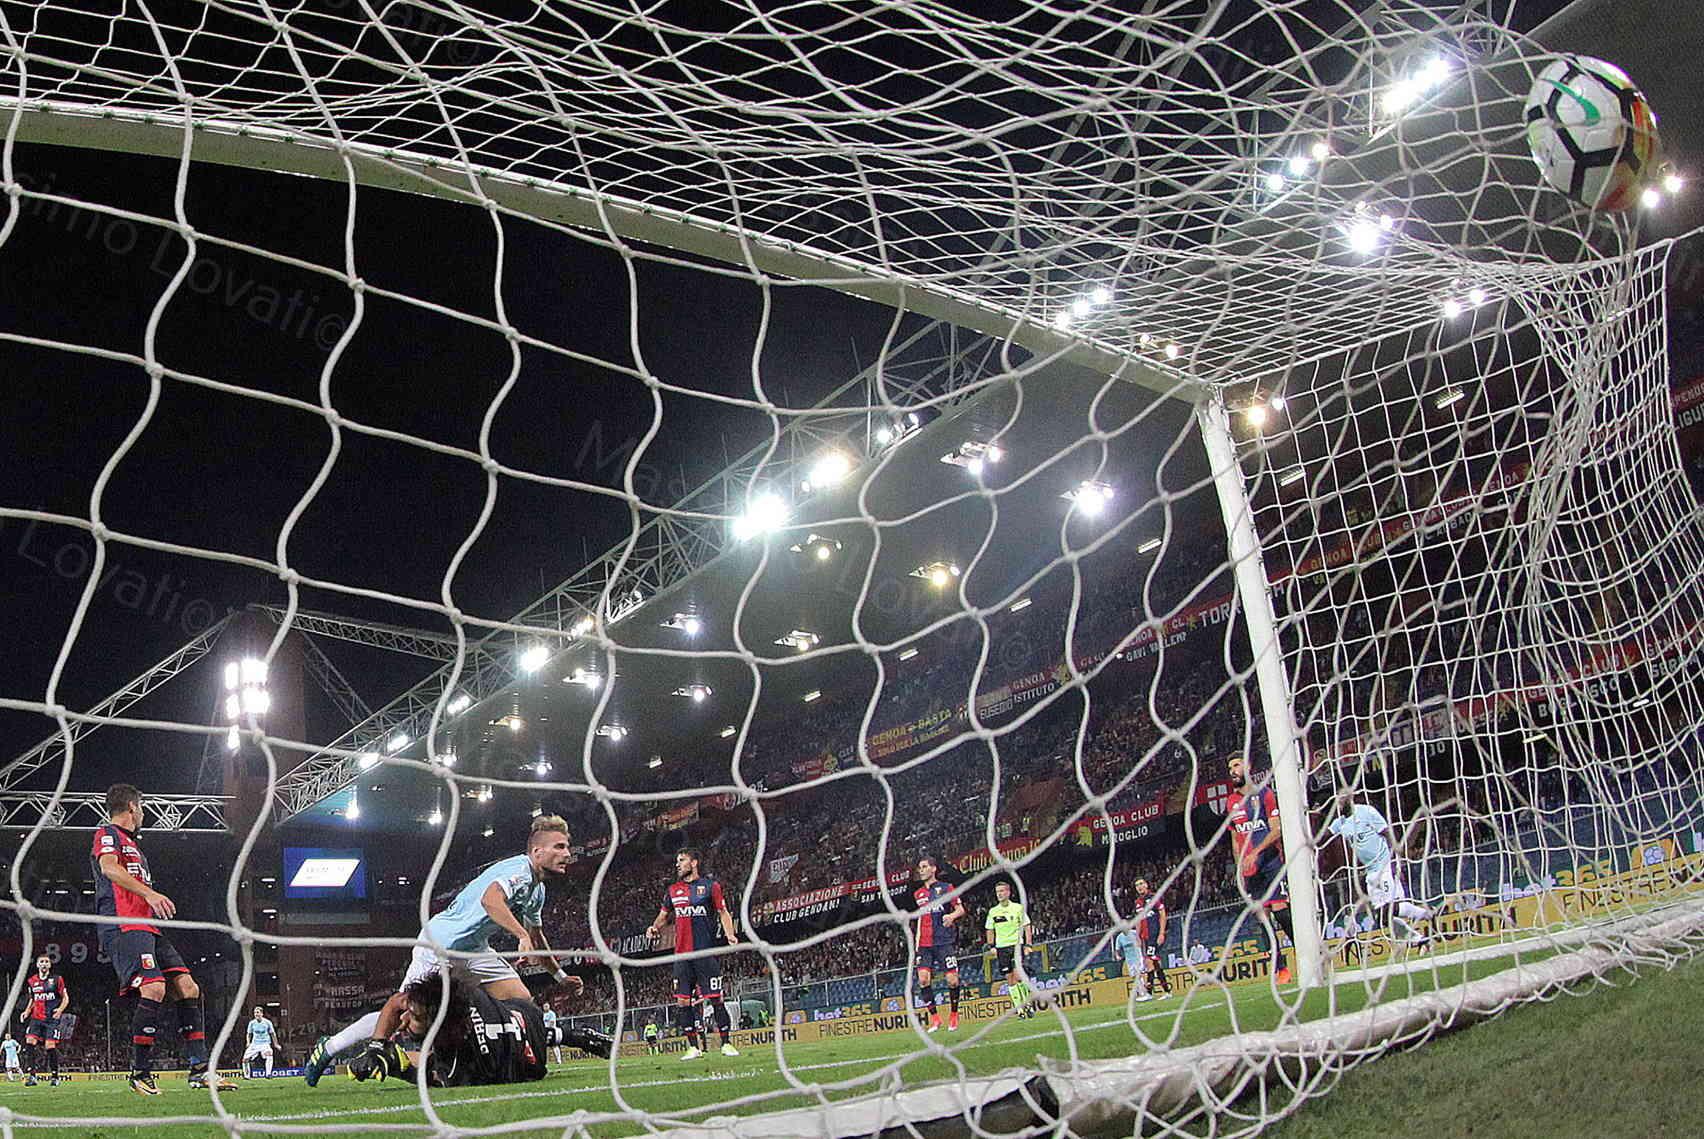 Genoa - Lazio 2017/2018, Immobile tira e segna e il pallone gonfia la rete